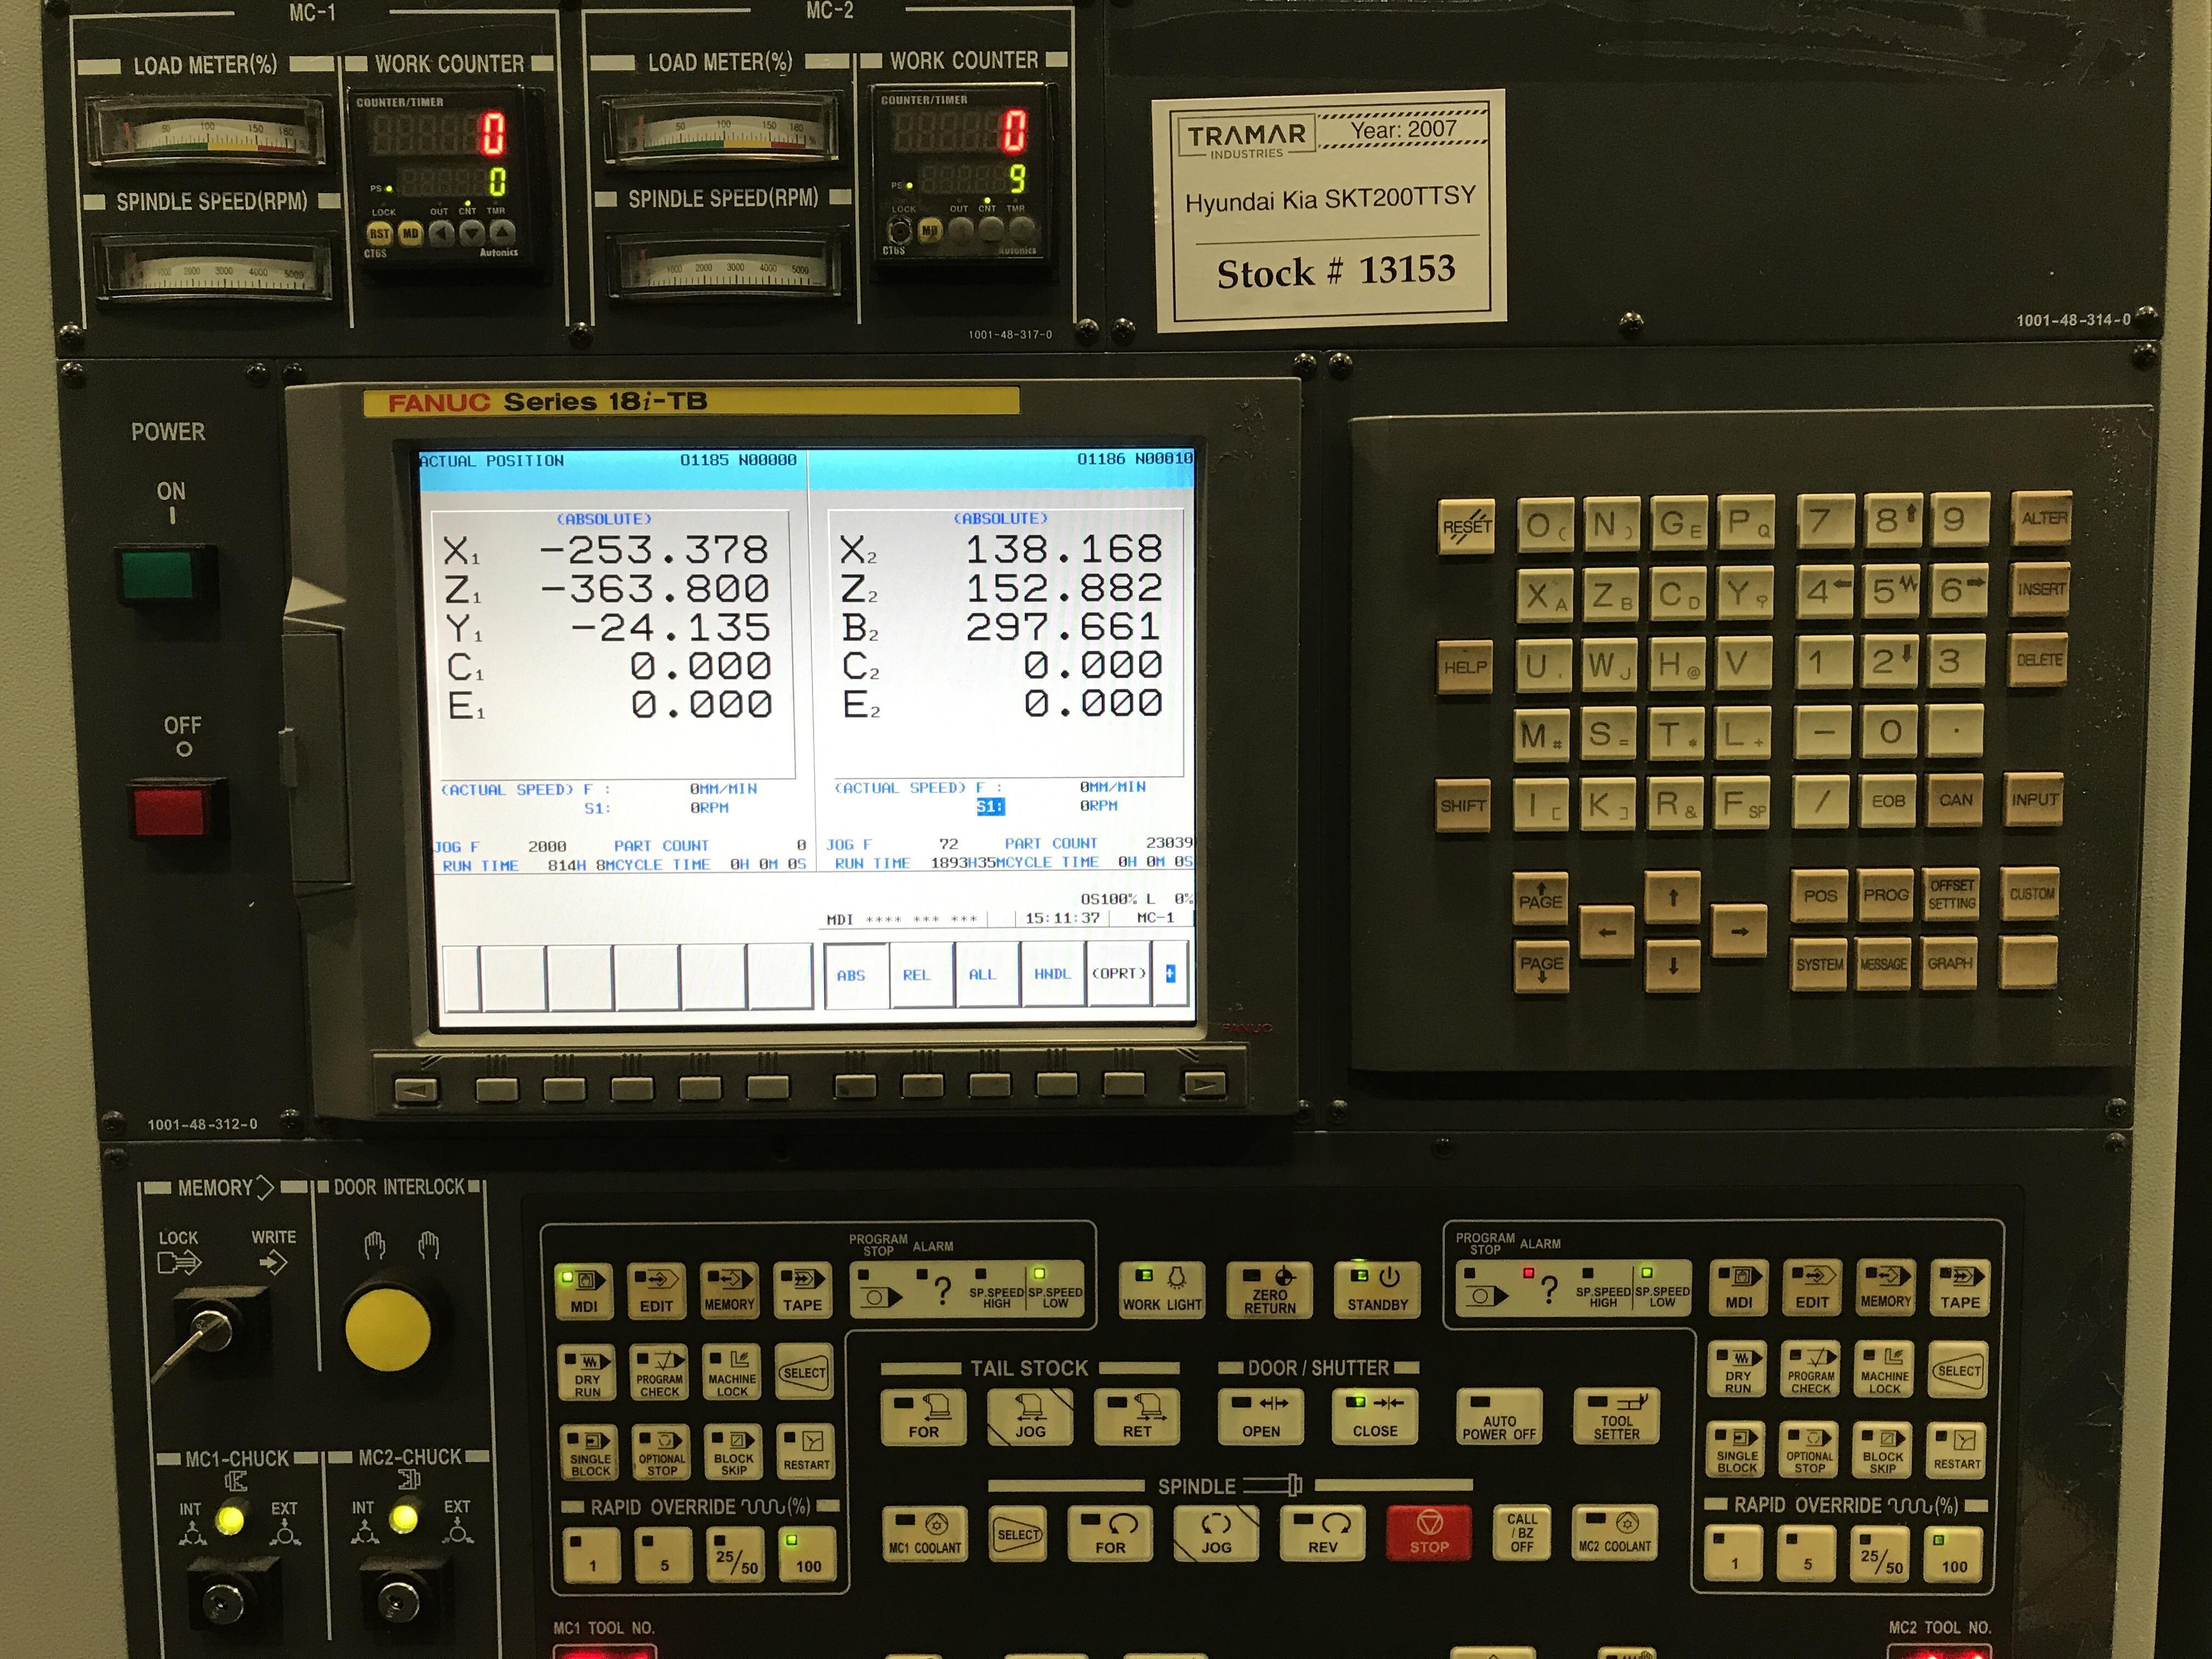 2007 HYUNDAI KIA SKT200TTSY - CNC Horizontal Lathe